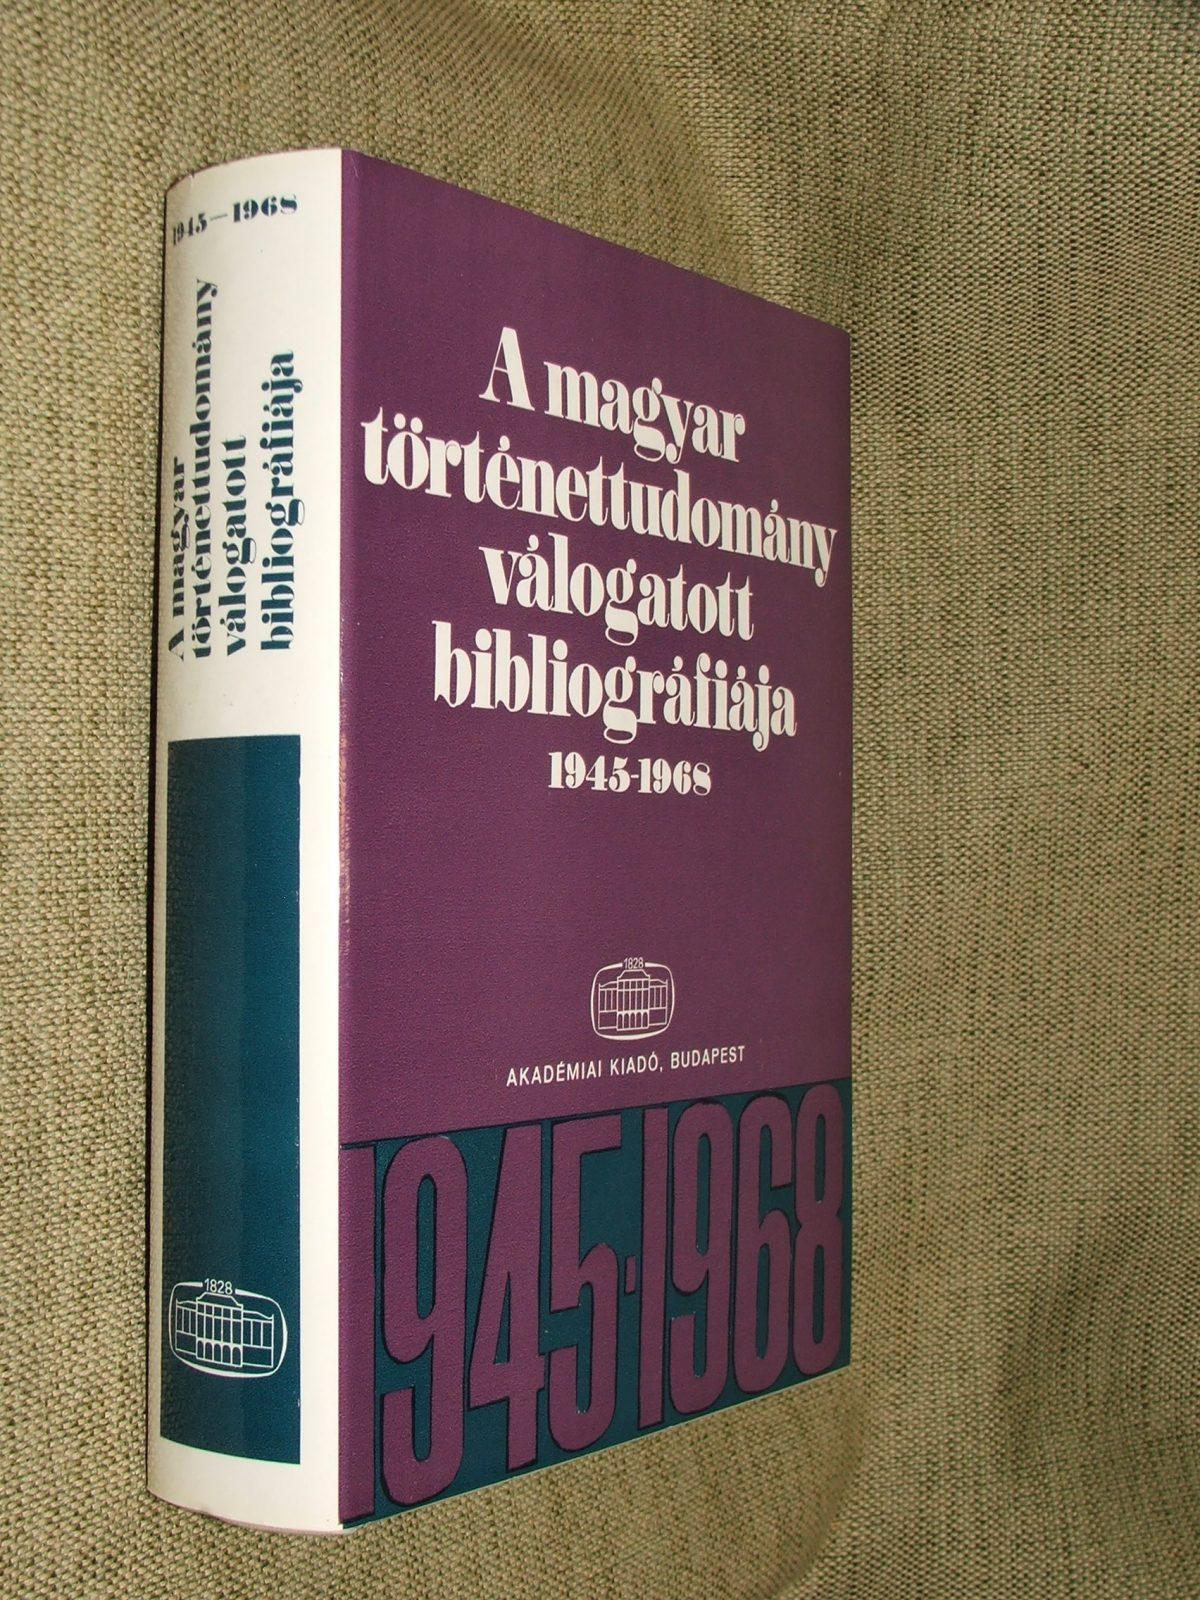 A Magyar Tudományos Akadémia Történettudományi Intézetének munkaközössége: A magyar történettudomány válogatott bibliográfiája 1945-1968